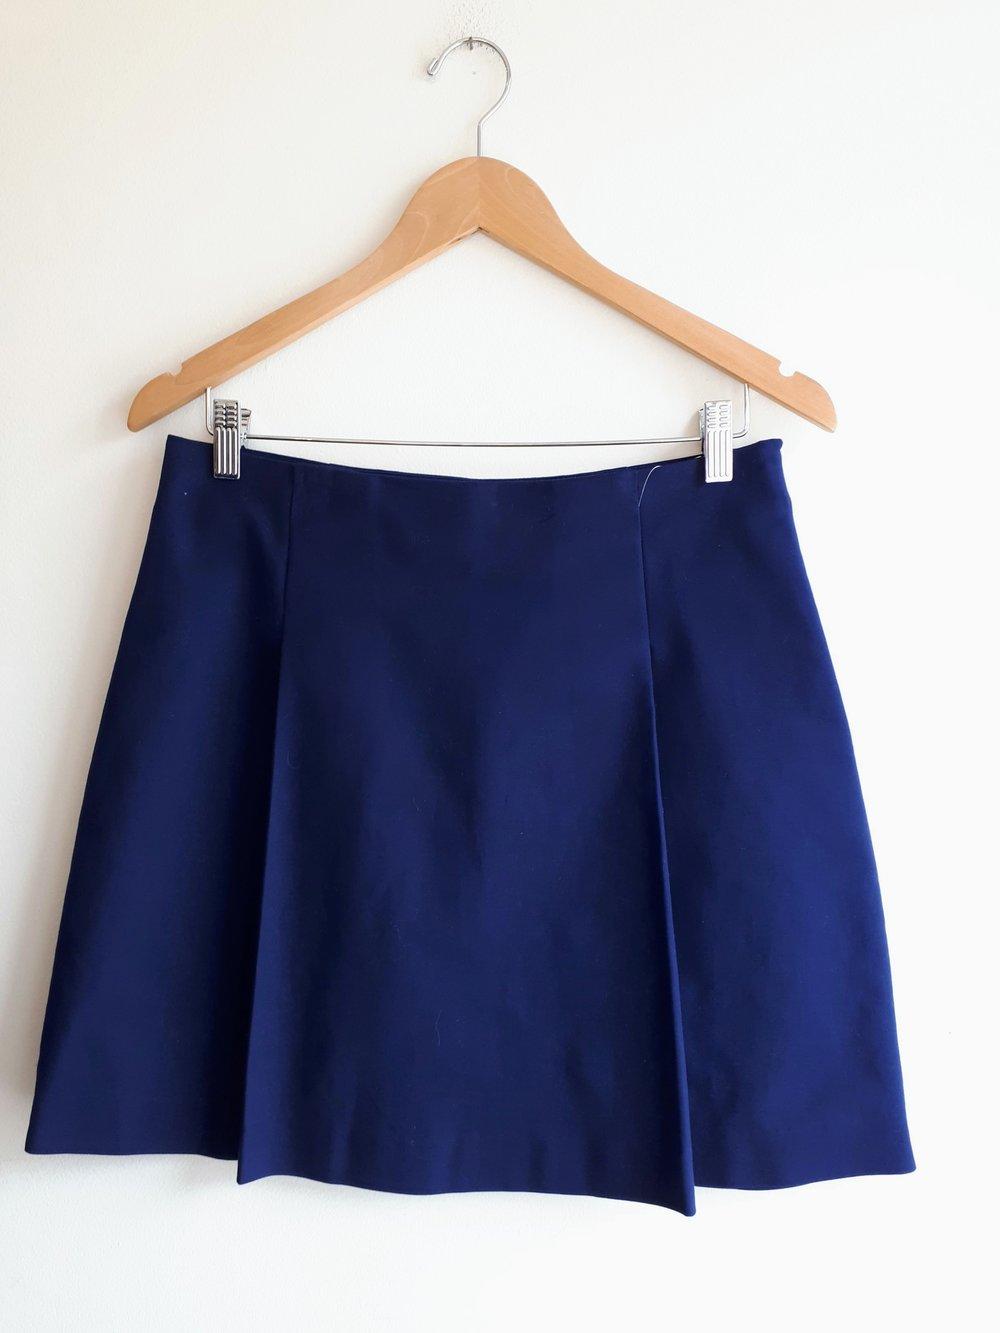 Ralph Lauren skirt; Size 4, $30